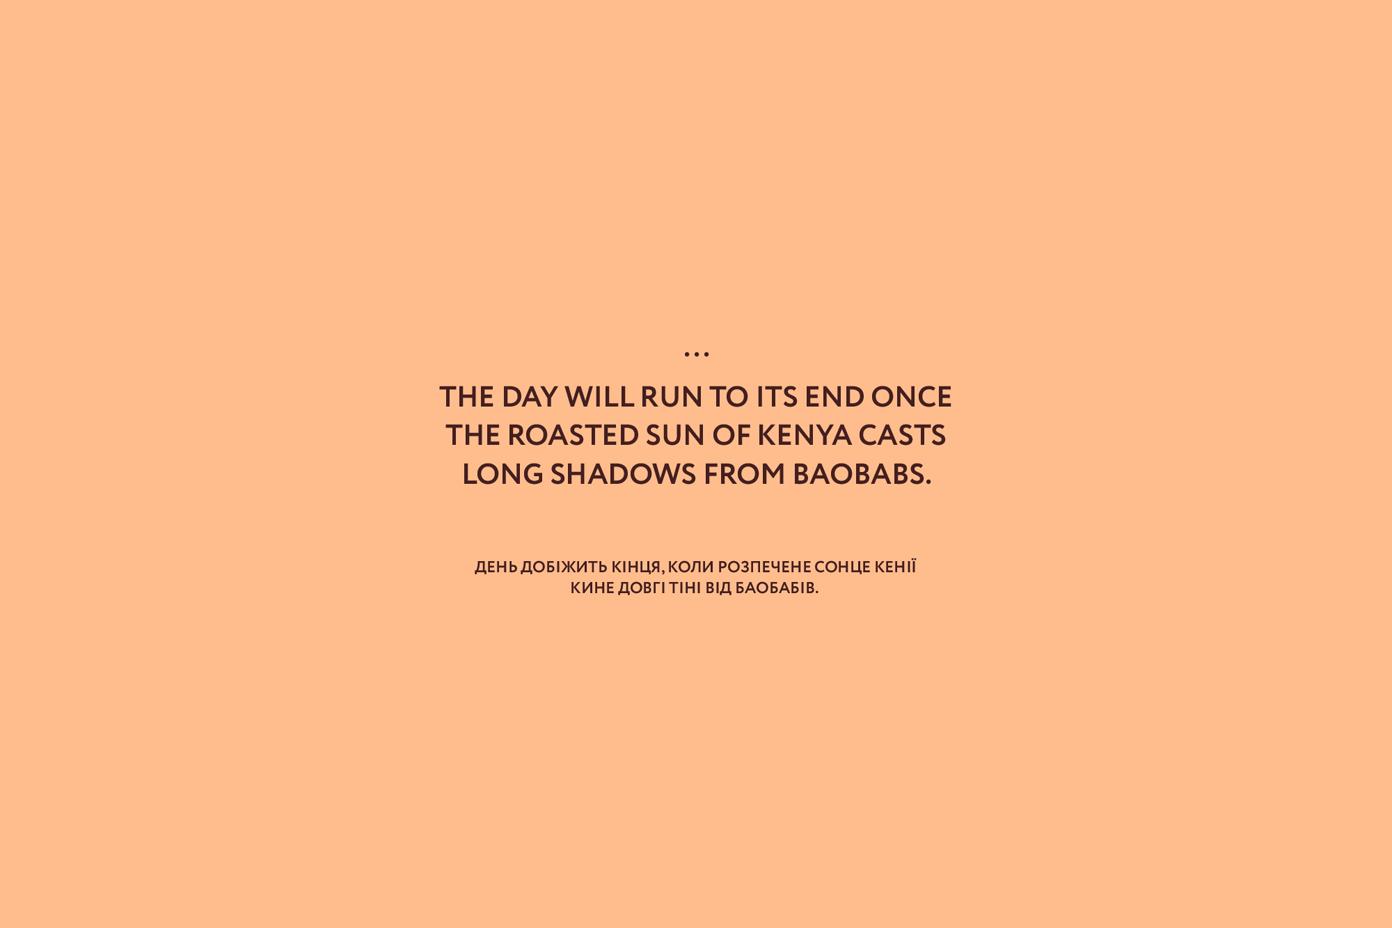 Kenyan story